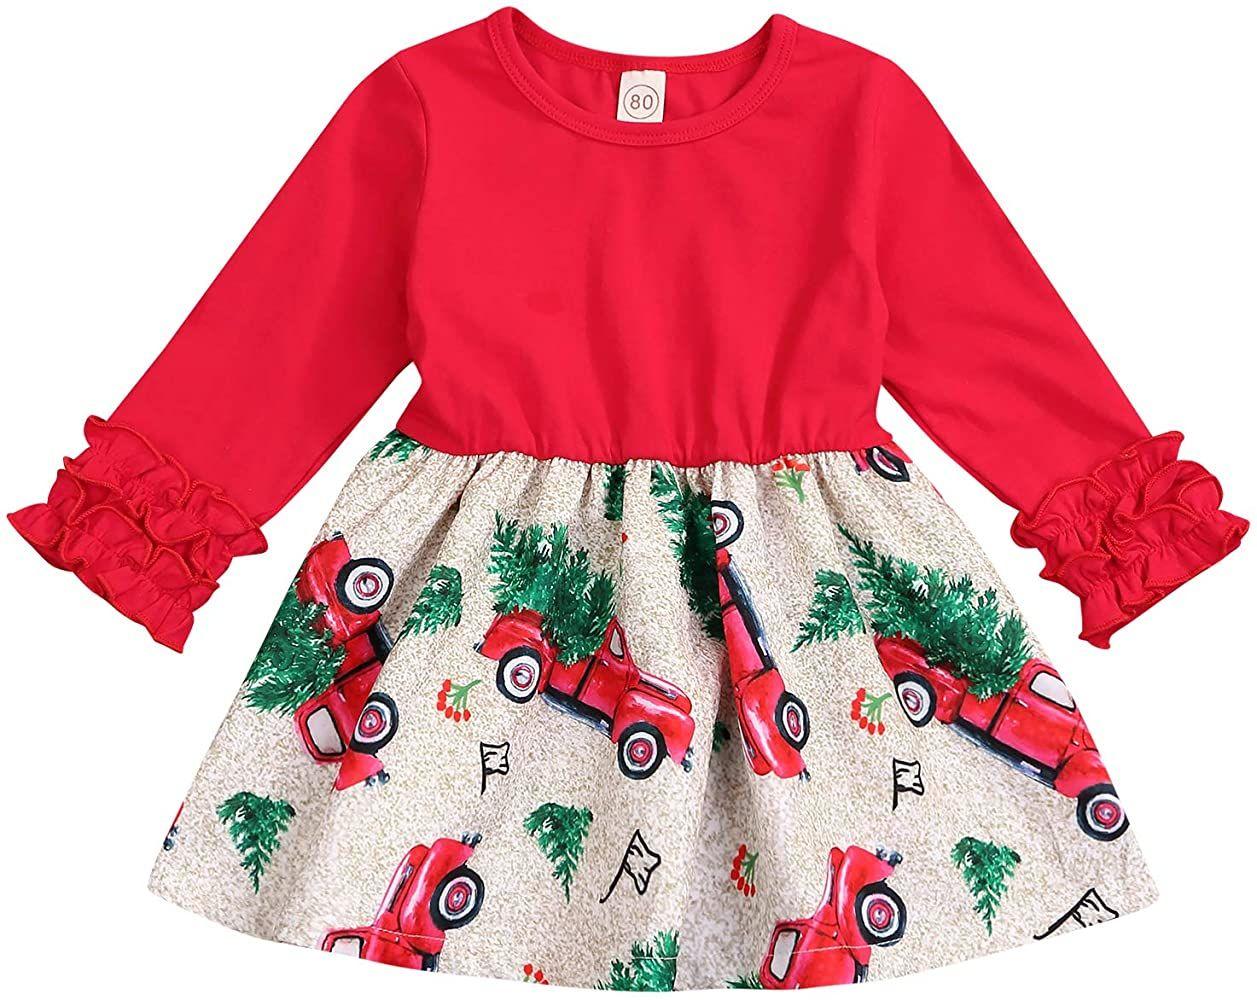 Baby girl christmas dresses, Toddler christmas dress, Christmas